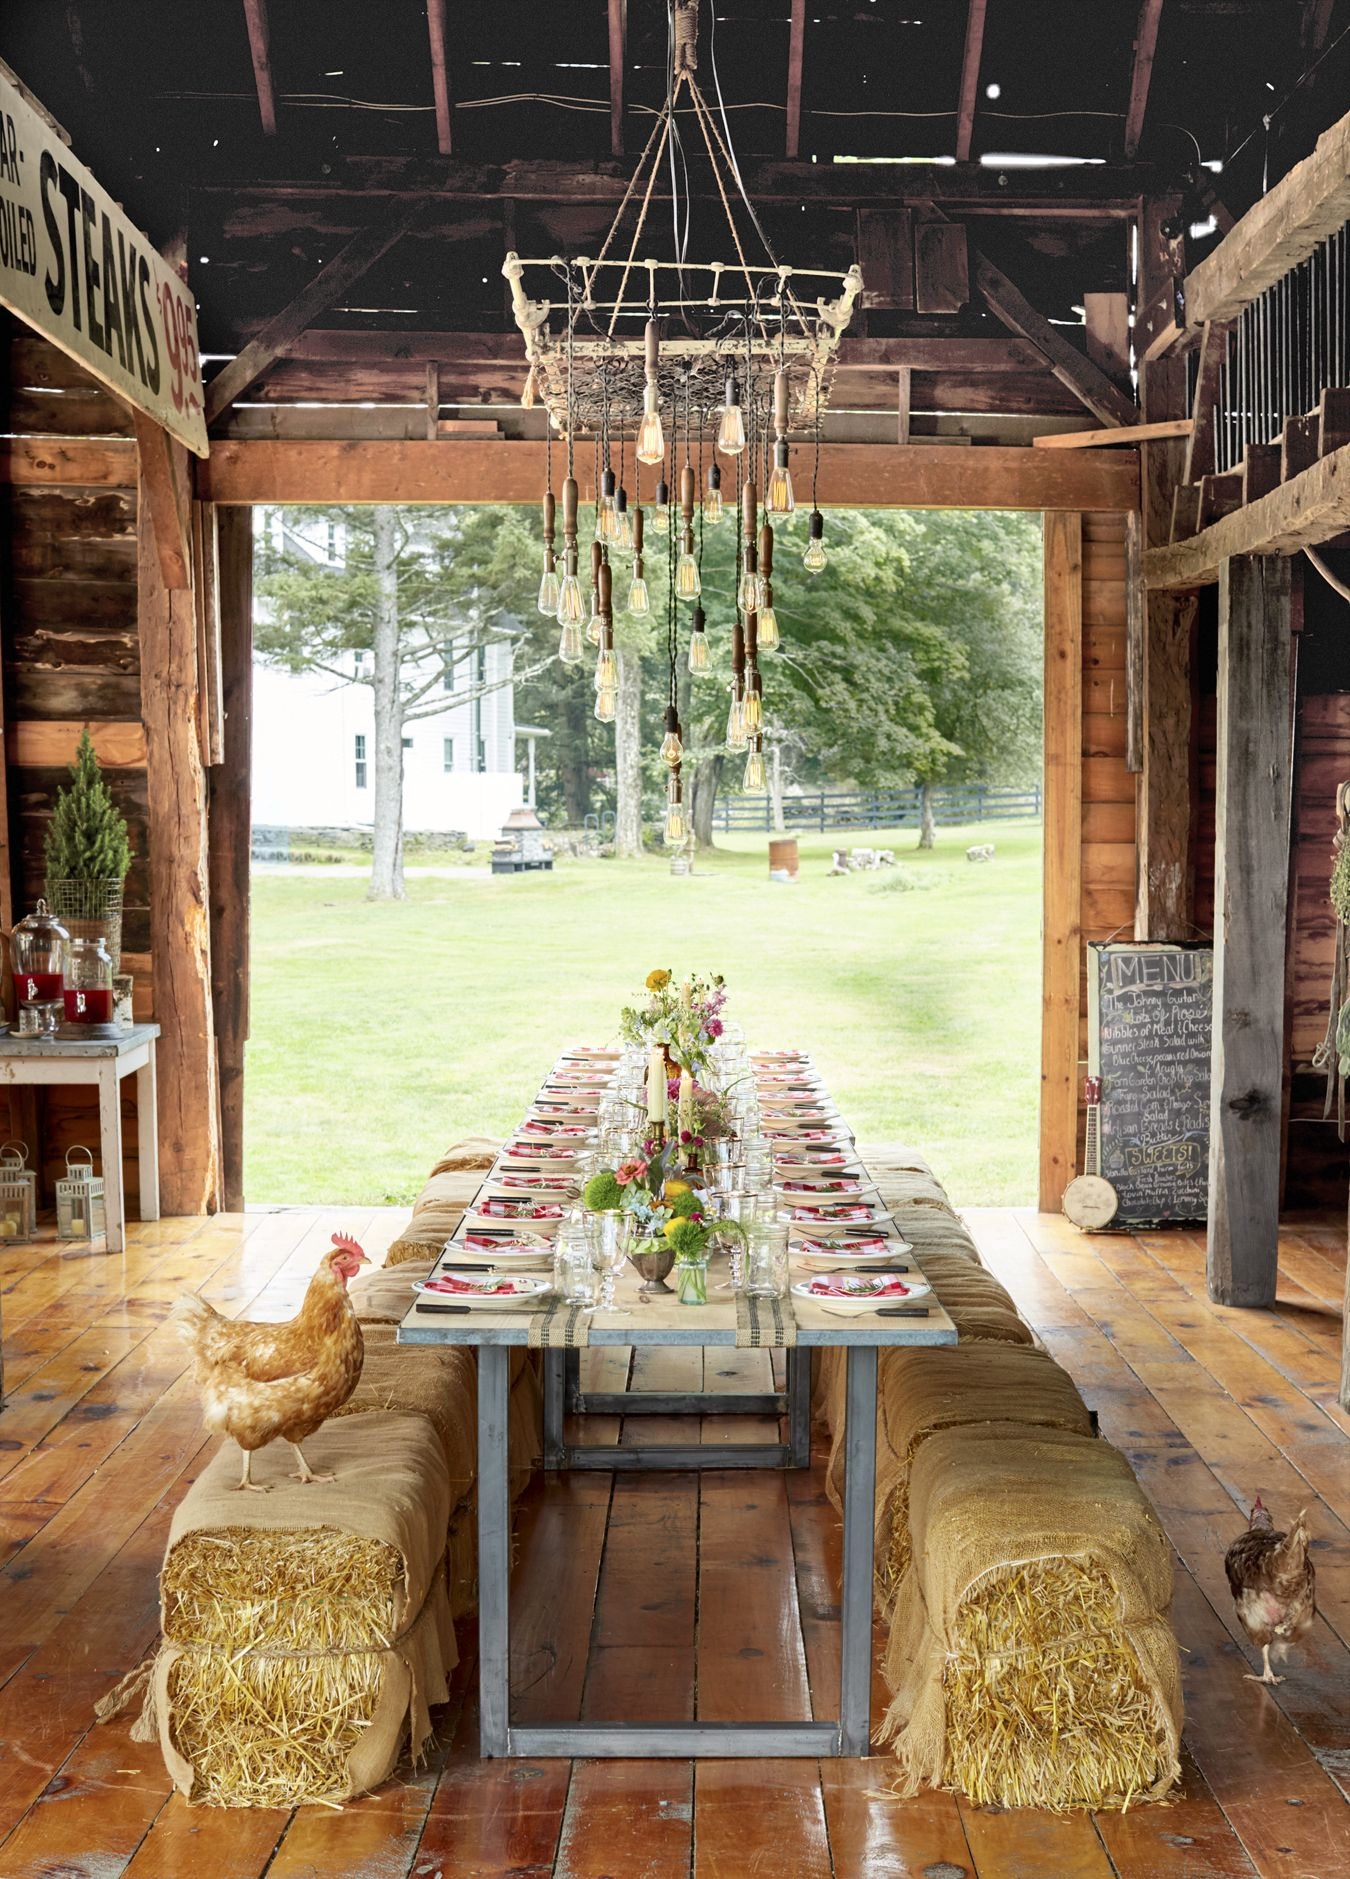 Barns To Rent For Weddings - BARN DECOR